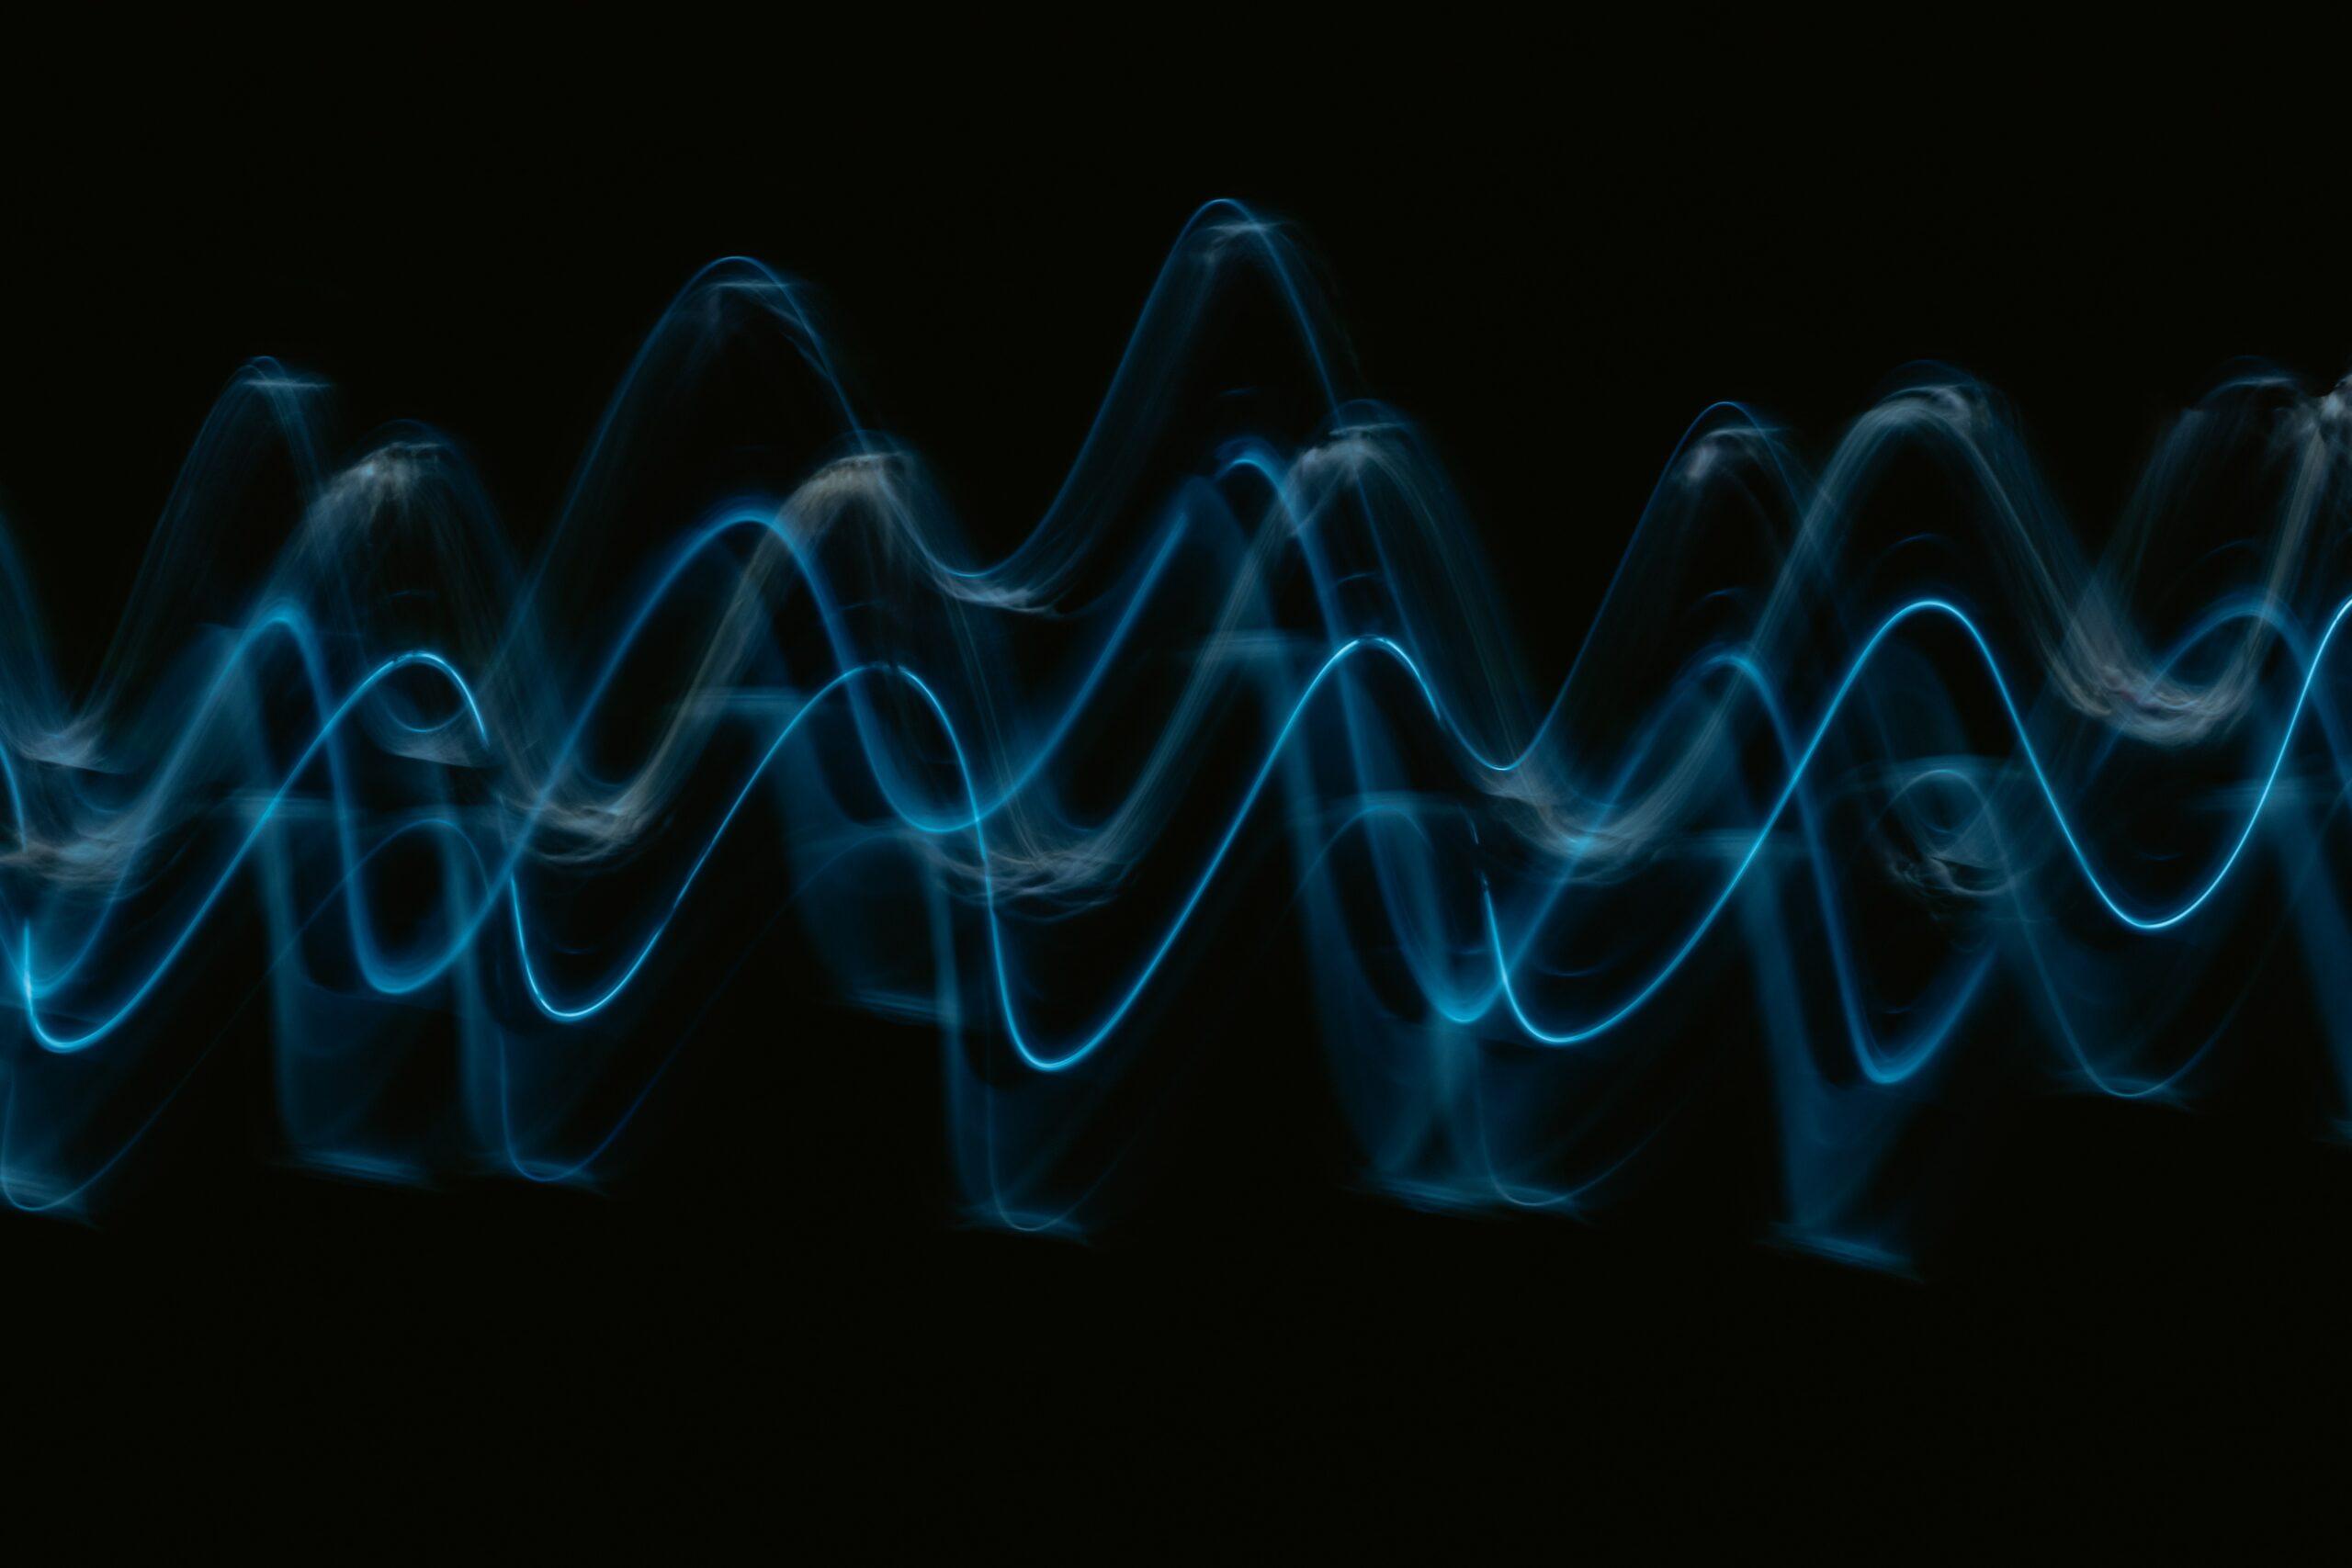 Dios te habla constantemente ¿cómo identificar su voz? [el método más eficaz]